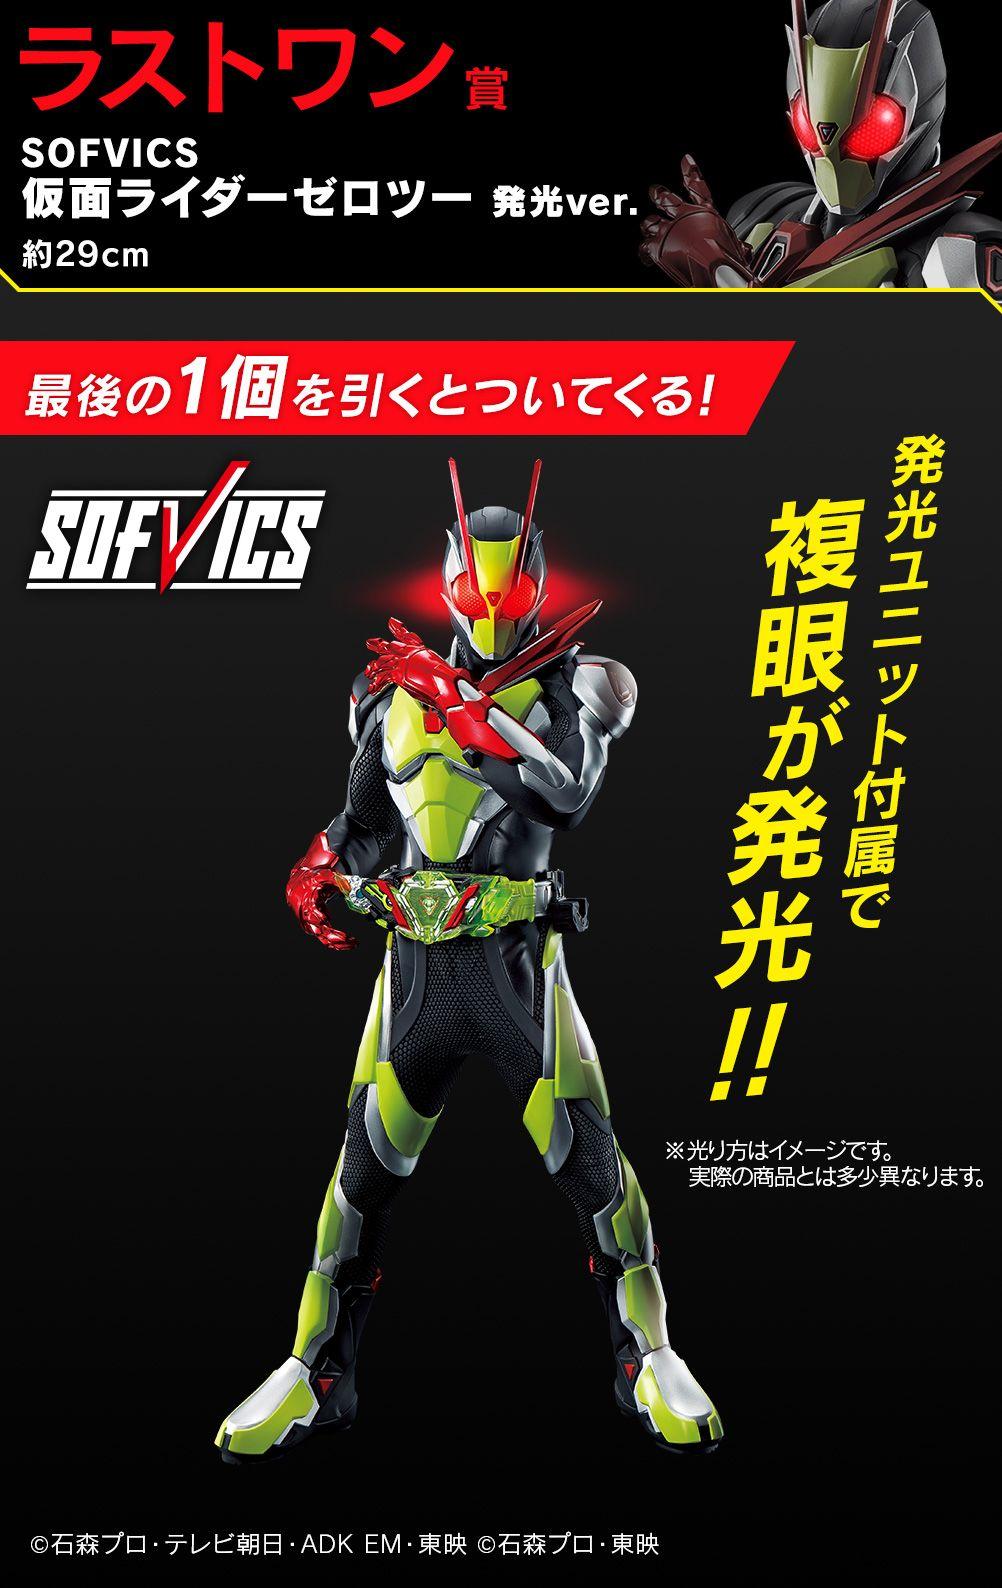 banpresto 2020年8月1日 一番獎 kamen rider zero one no 03 feat legend kamen rider 680yen連稅 仮面ライダー 一番くじ